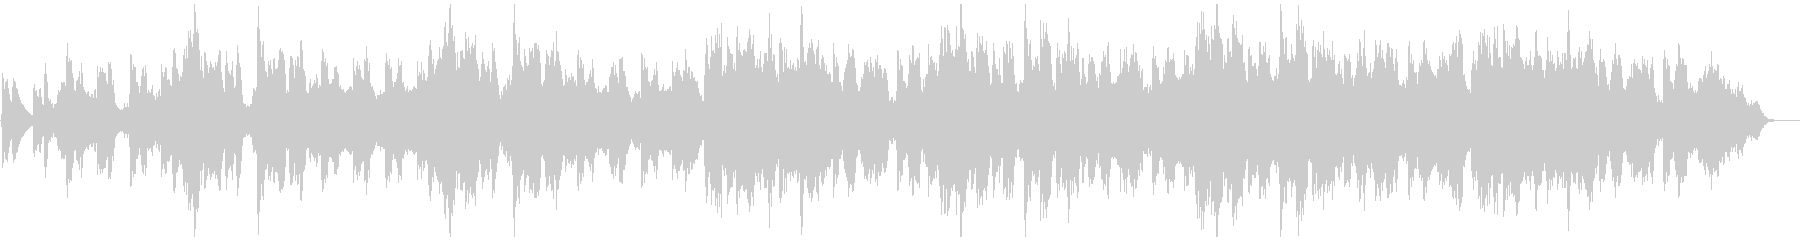 ファンタジーな森のゲーム散策時風BGMの未再生の波形